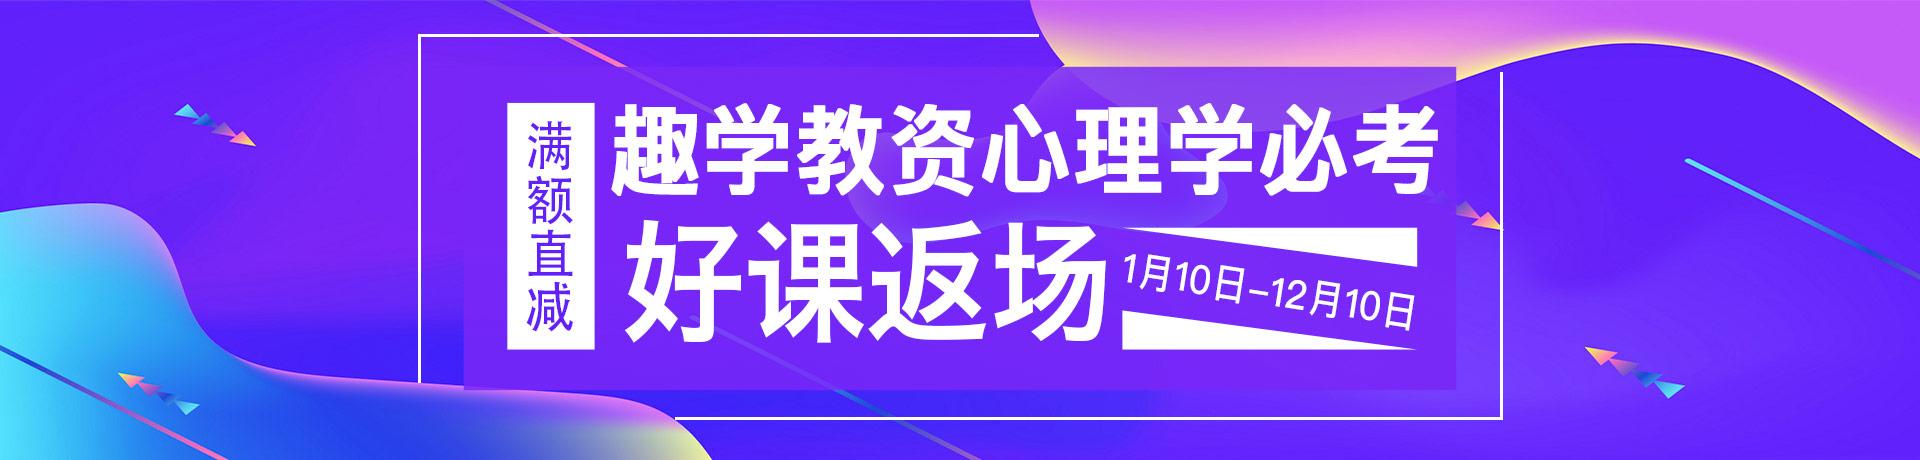 首页banner图-02